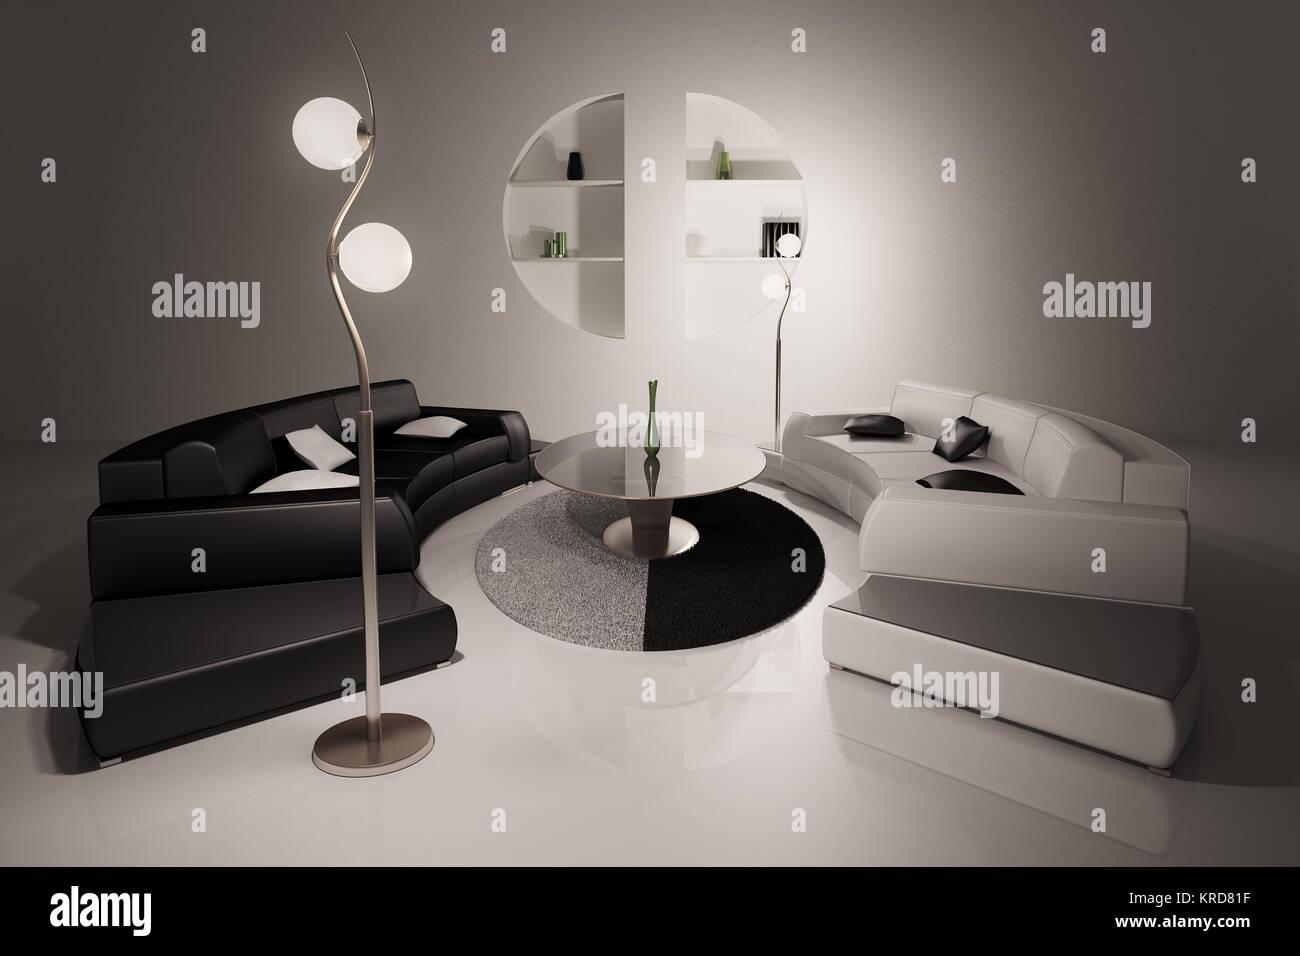 Divani Bianchi E Neri : Soggiorno con divani neri e bianchi interni 3d render foto